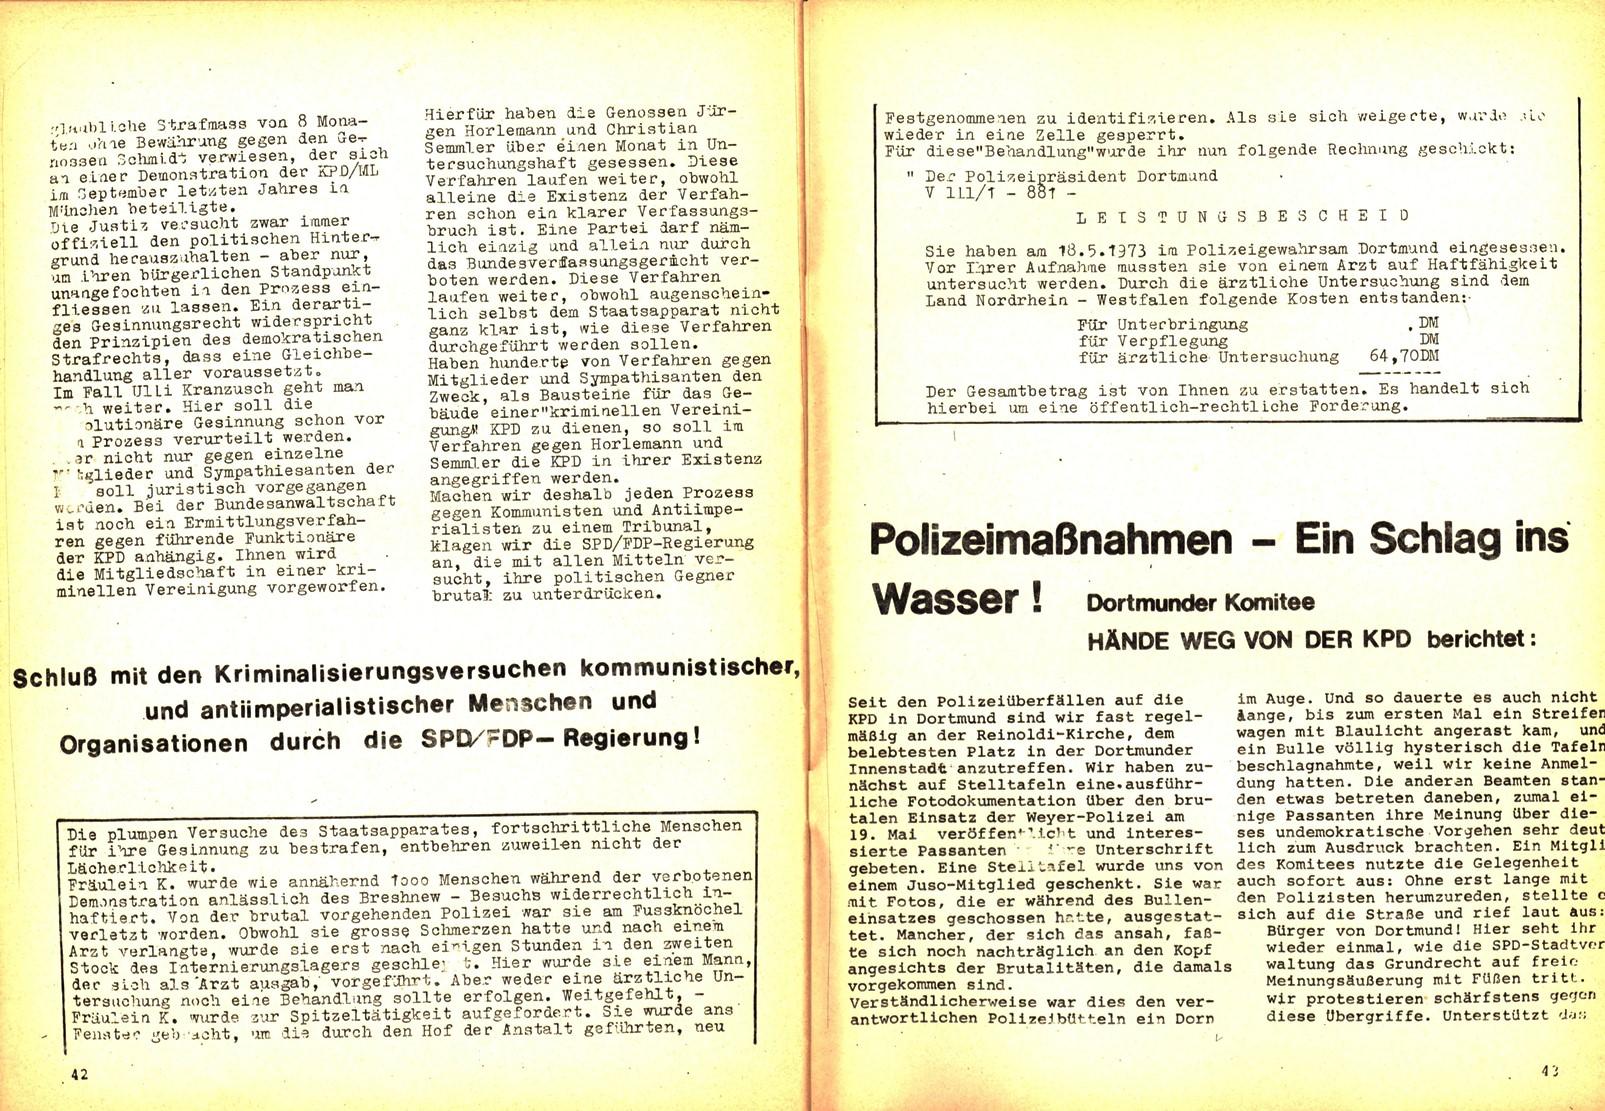 Komitee_Haende_weg_von_der_KPD_1973_Freiheit_fuer_Uli_Kranzusch_23